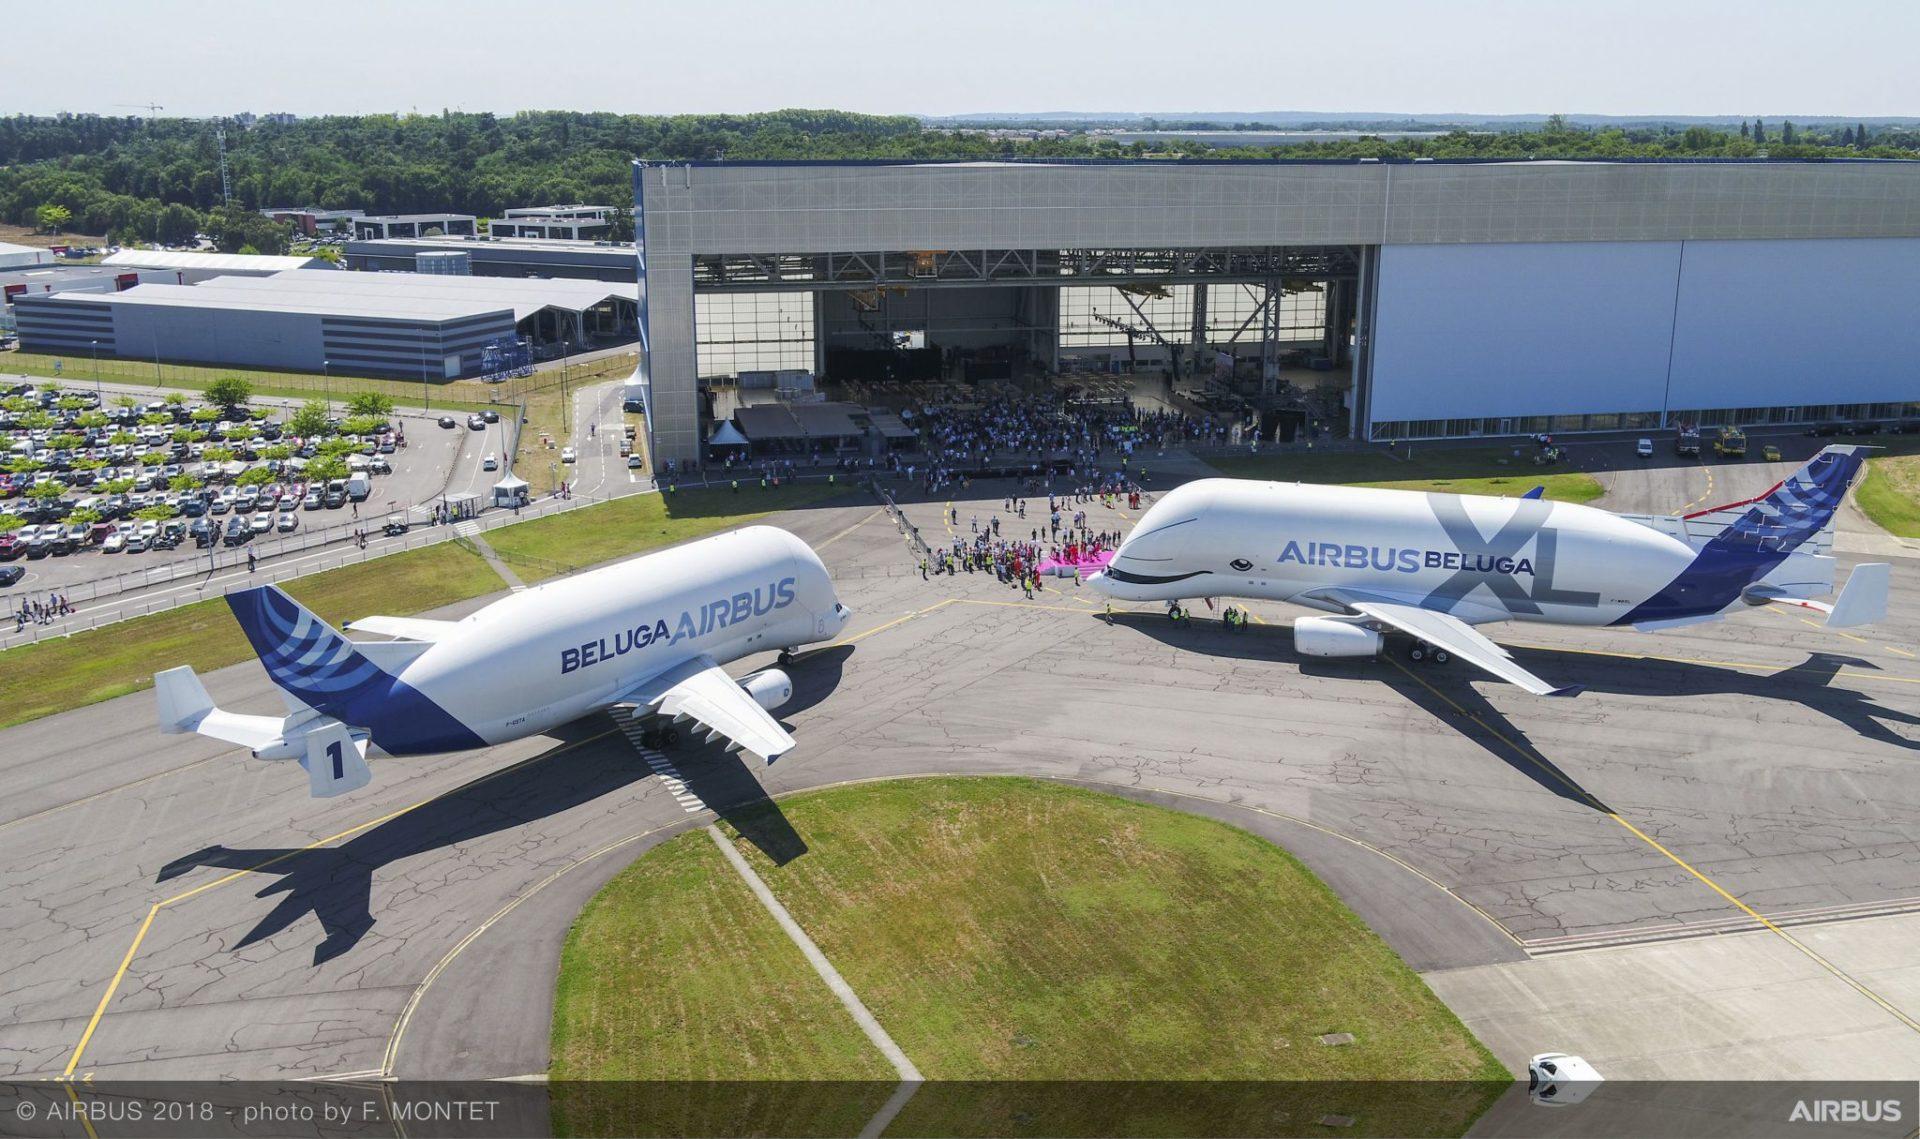 Airbus Beluga next to Airbus Beluga XL (Image: F.Montet/Airbus)